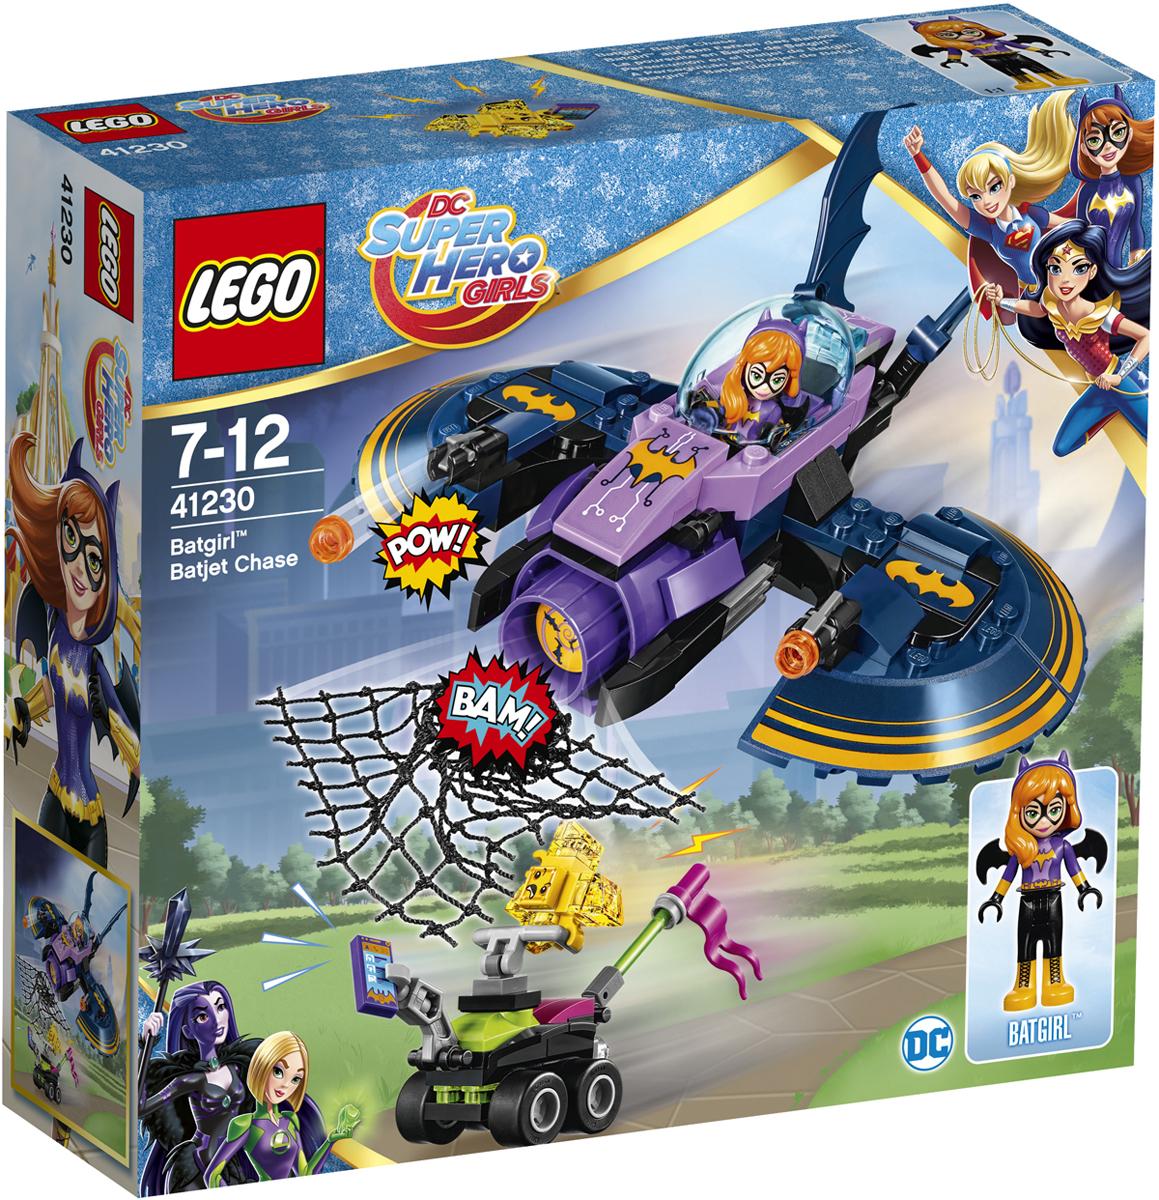 LEGO DC Super Hero Girls Конструктор Бэтгерл погоня на реактивном самолете 4123041230Тревога! Трусливый жёлтый Криптомит украл планшет Бэтгёрл и умчался прочь на своем багги! Криптомит легко спугнуть, поэтому не теряй его из виду. Отправляйся в погоню на реактивном самолете Бэтгёрл. Стреляй из шипомётов и используй сеть, чтобы поймать маленького пронырливого трусишку. Мы никому не позволим воровать вещи Бэтгёрл!